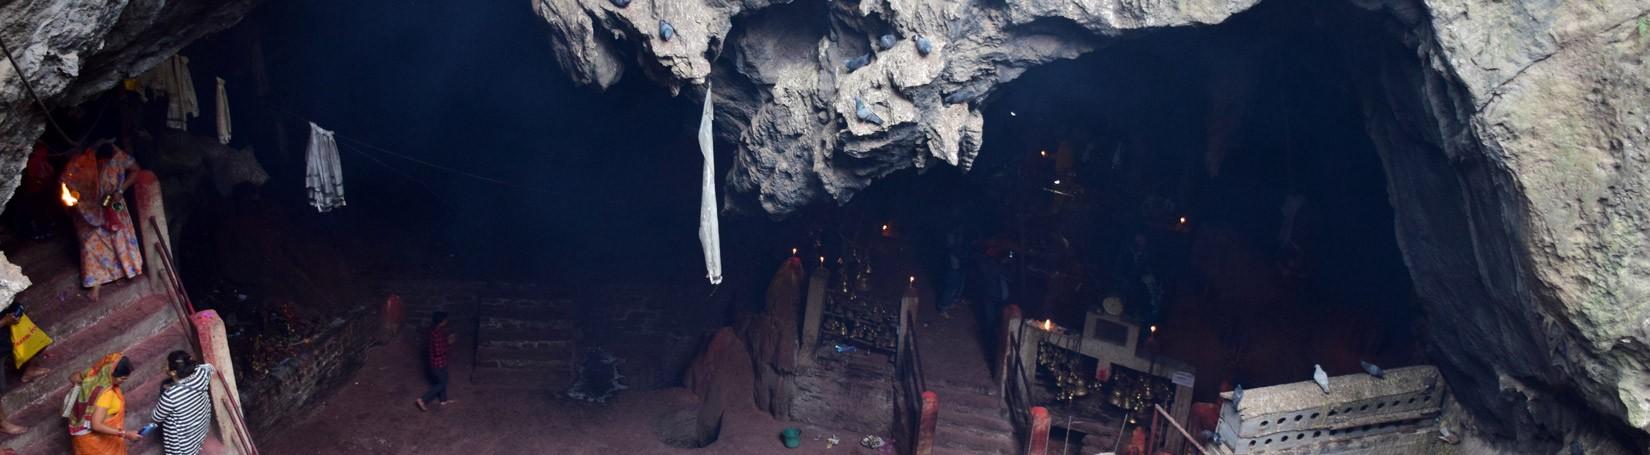 Matrika Cave - Haleshi Mahadev